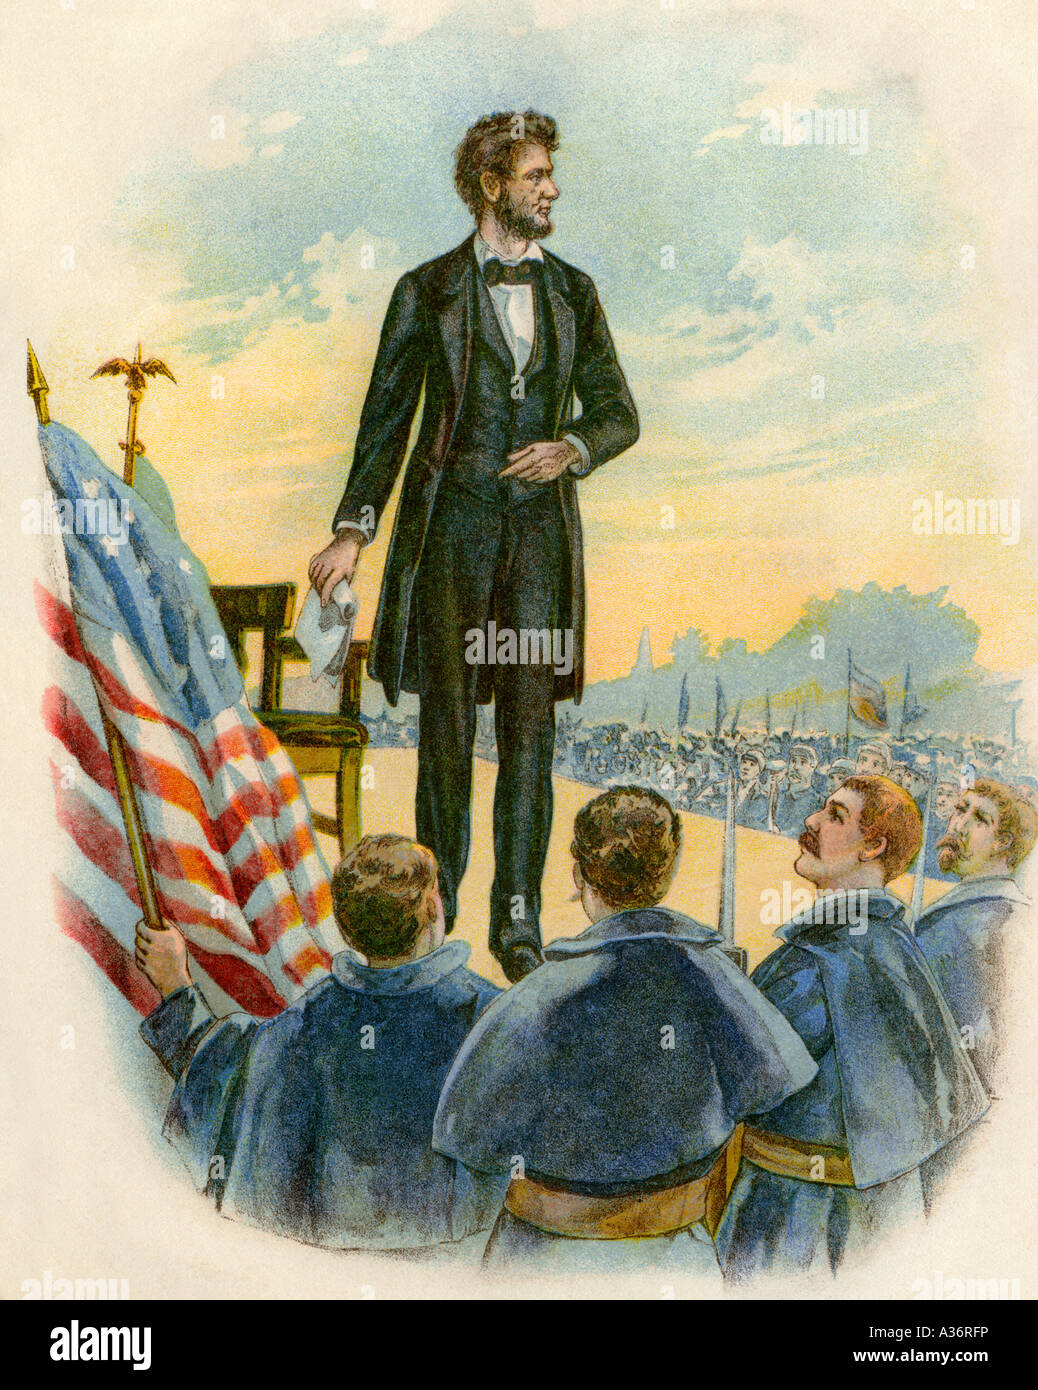 Le président Abraham Lincoln livrer le discours de Gettysburg sur le champ de bataille pendant la guerre civile Photo Stock